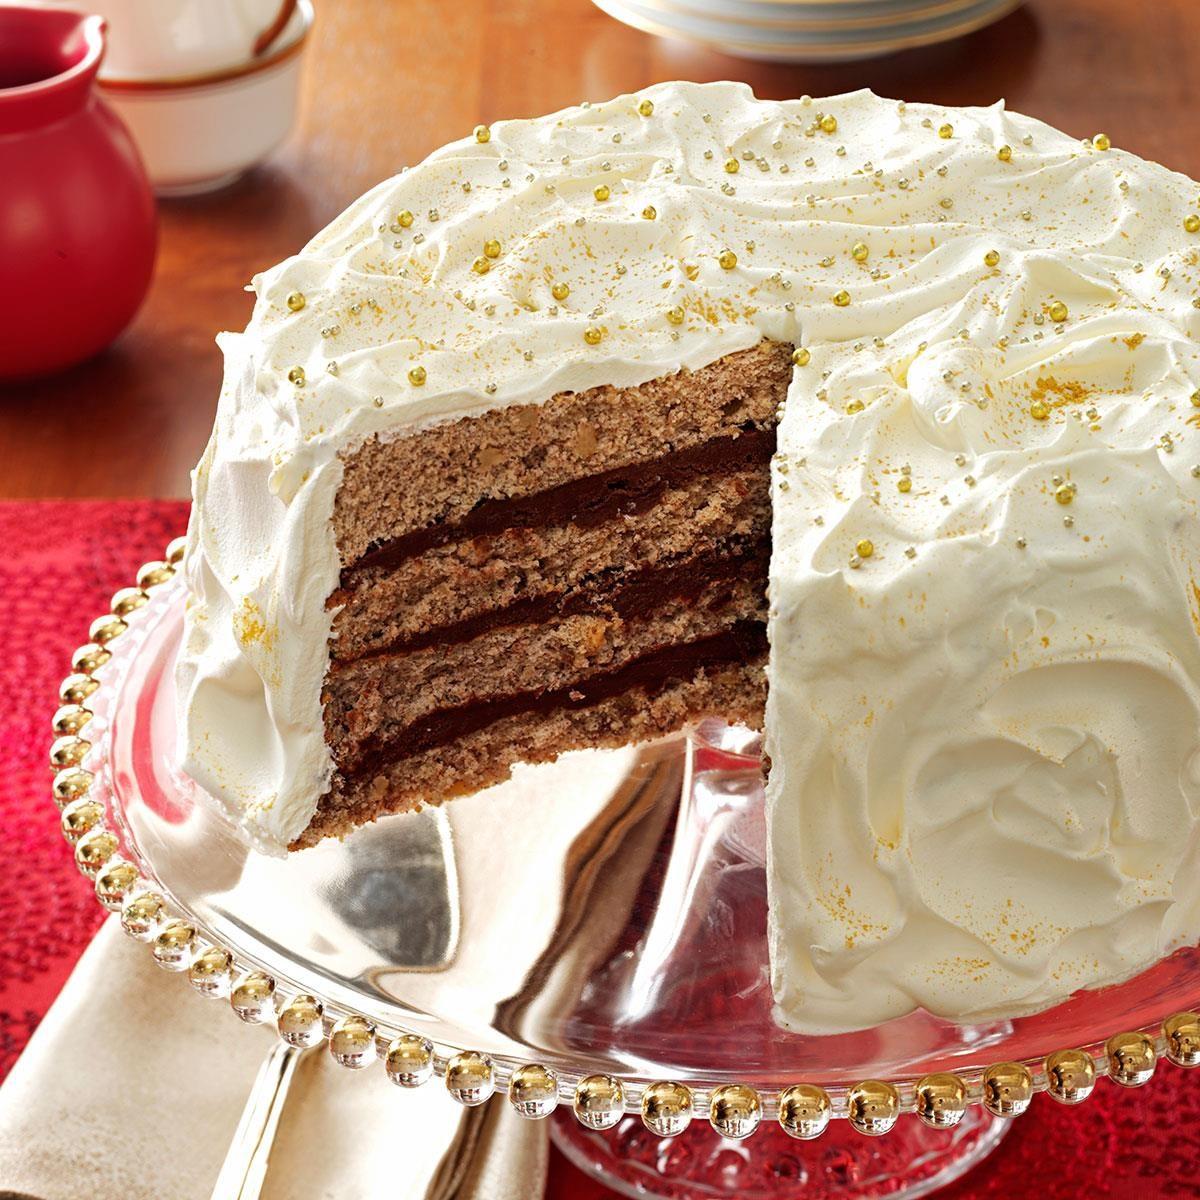 Mocha Cake Using Cake Mix